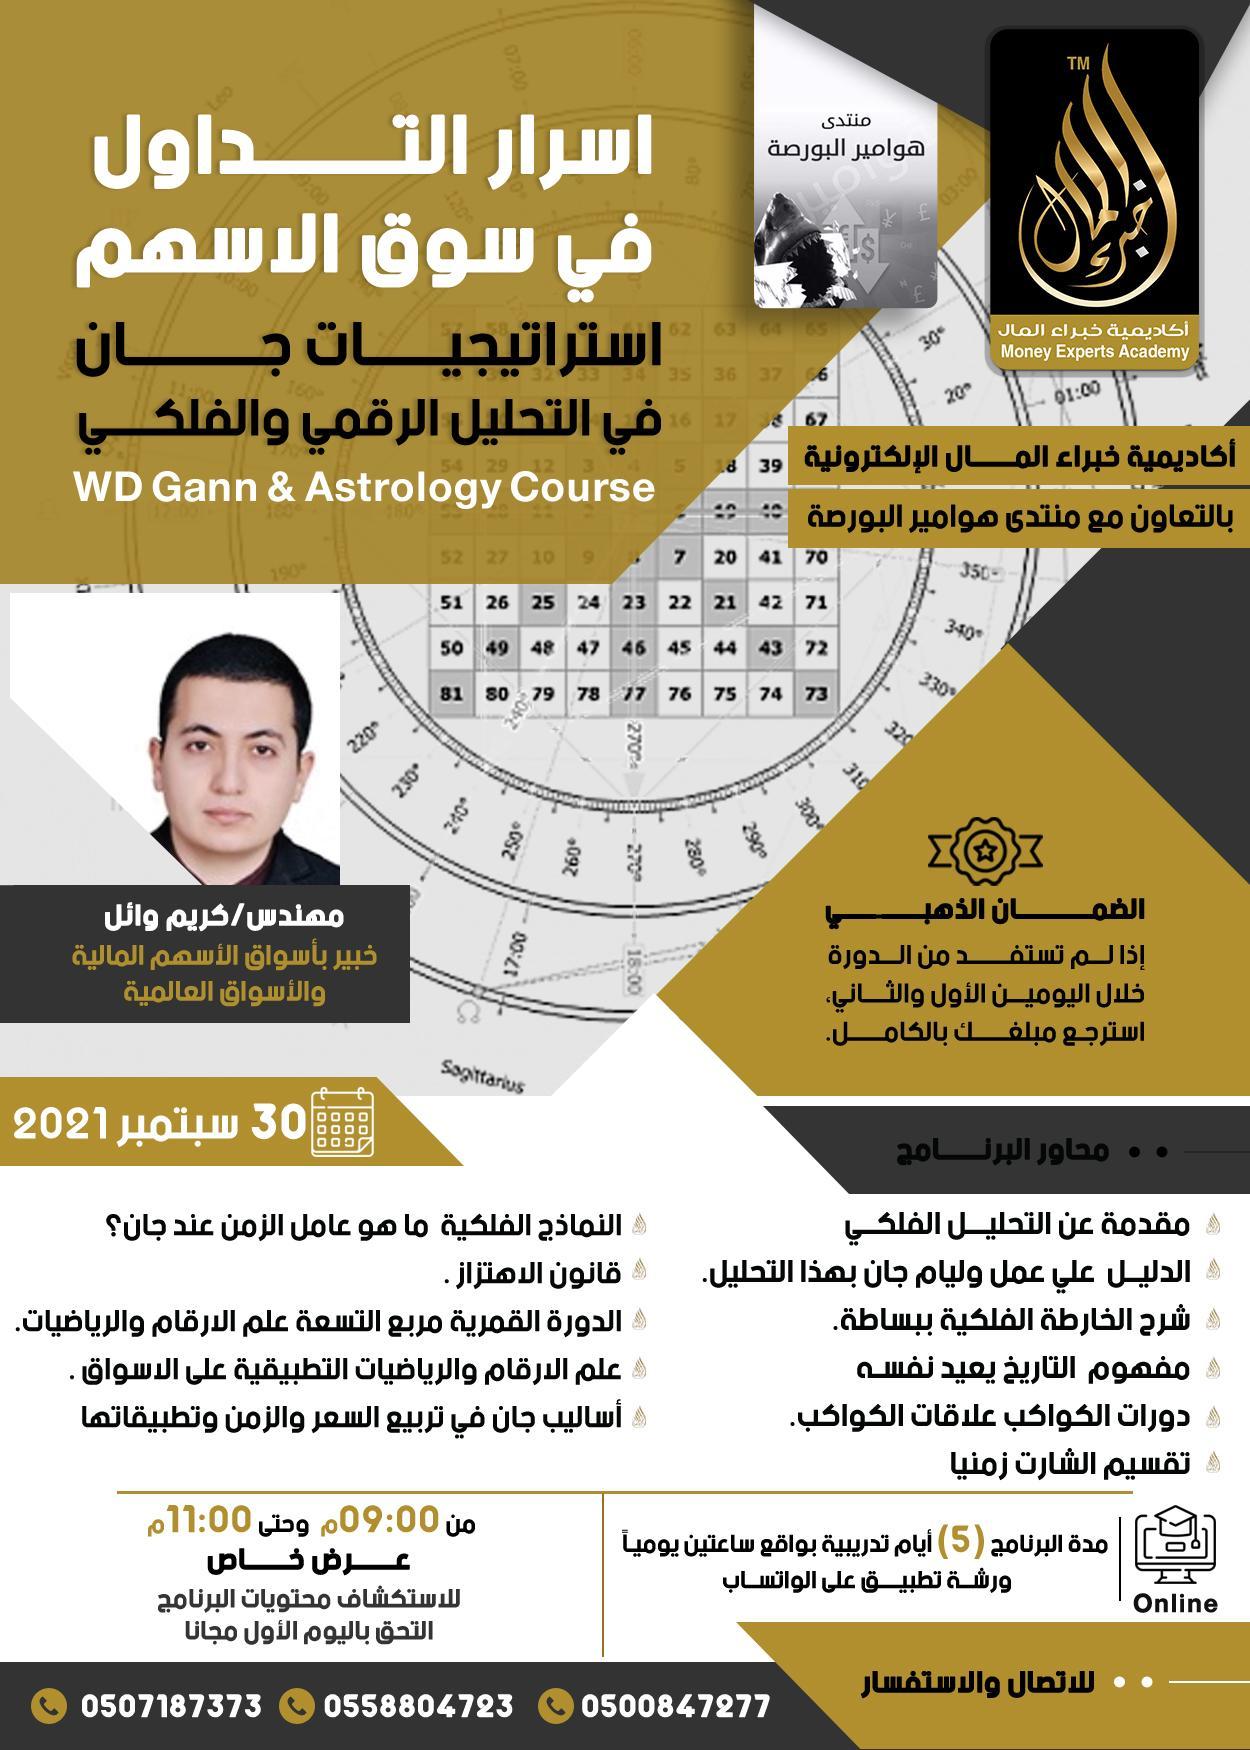 دورة استراتيجية جان في التحليل الرقمي و الفلكي يقدمها م.كريم وائل 30 سبتمبر